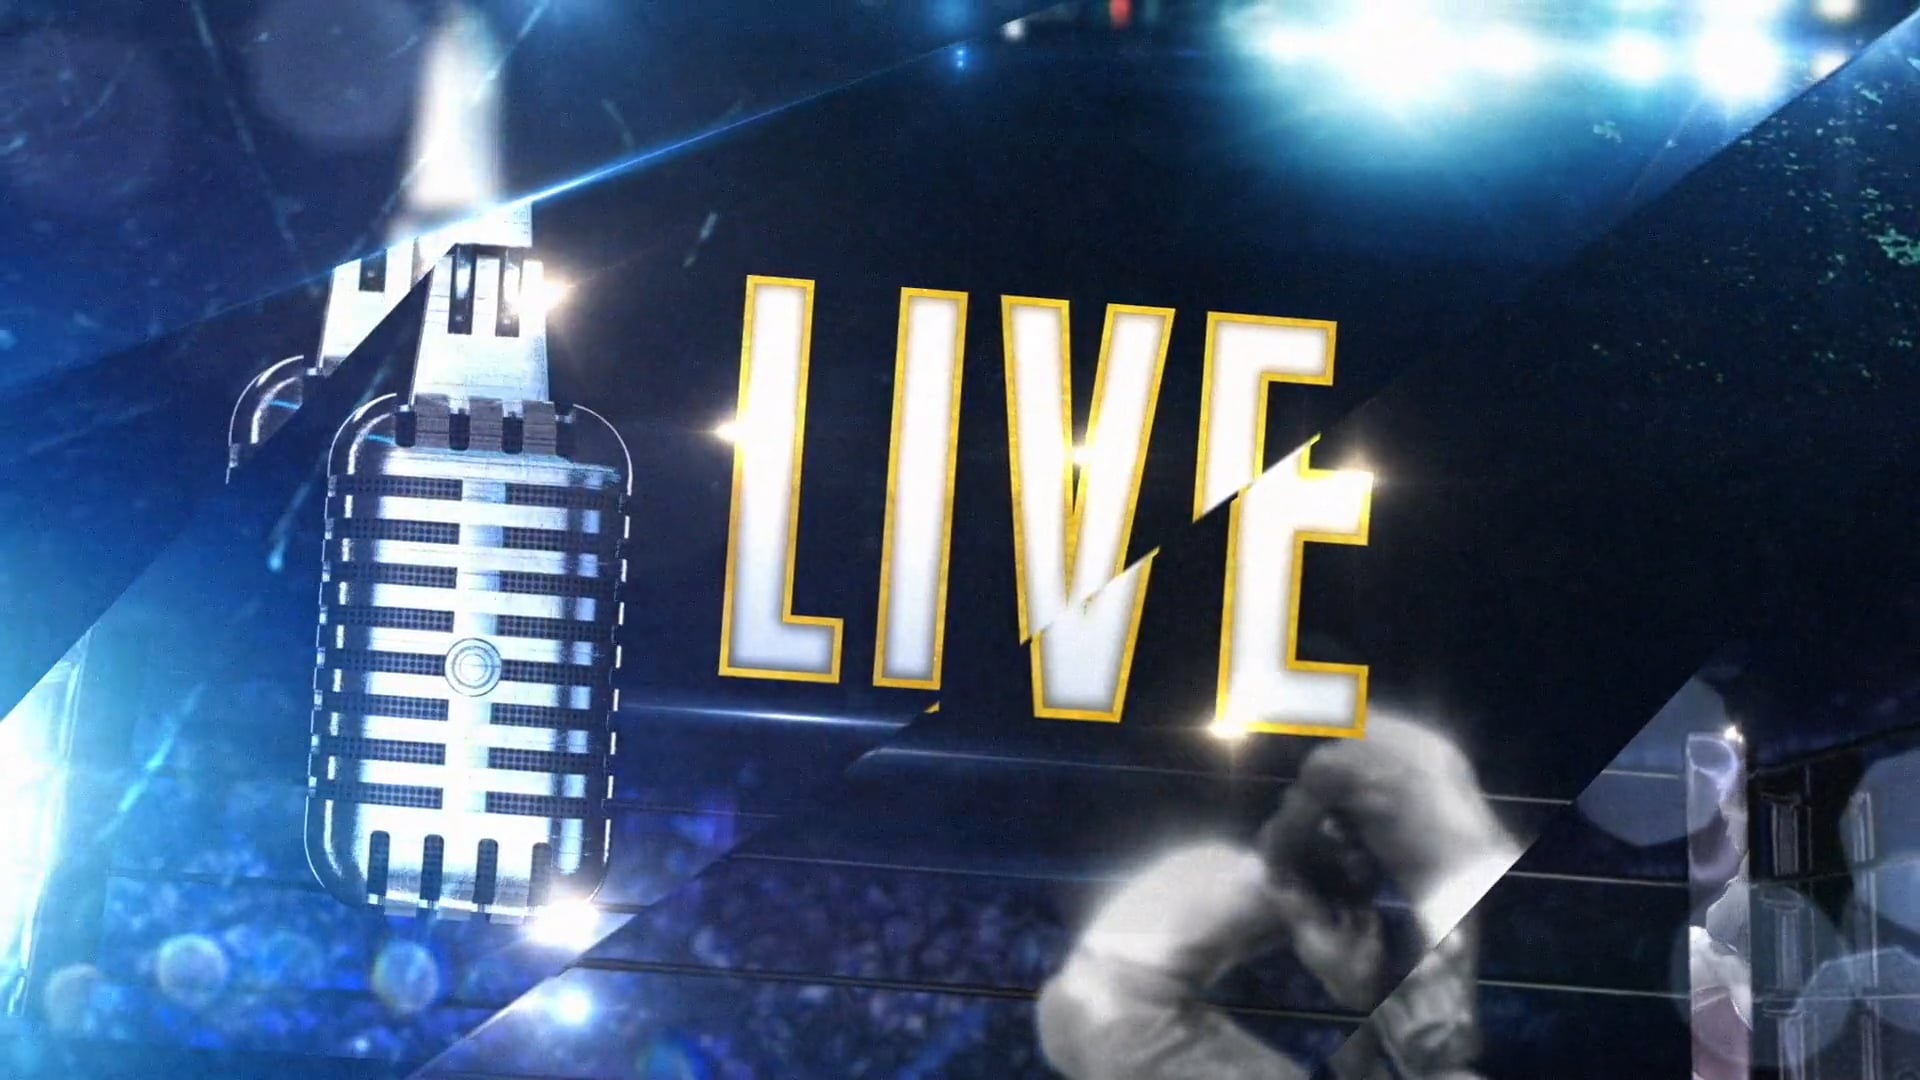 FS1 Premiere Boxing Championship Promo